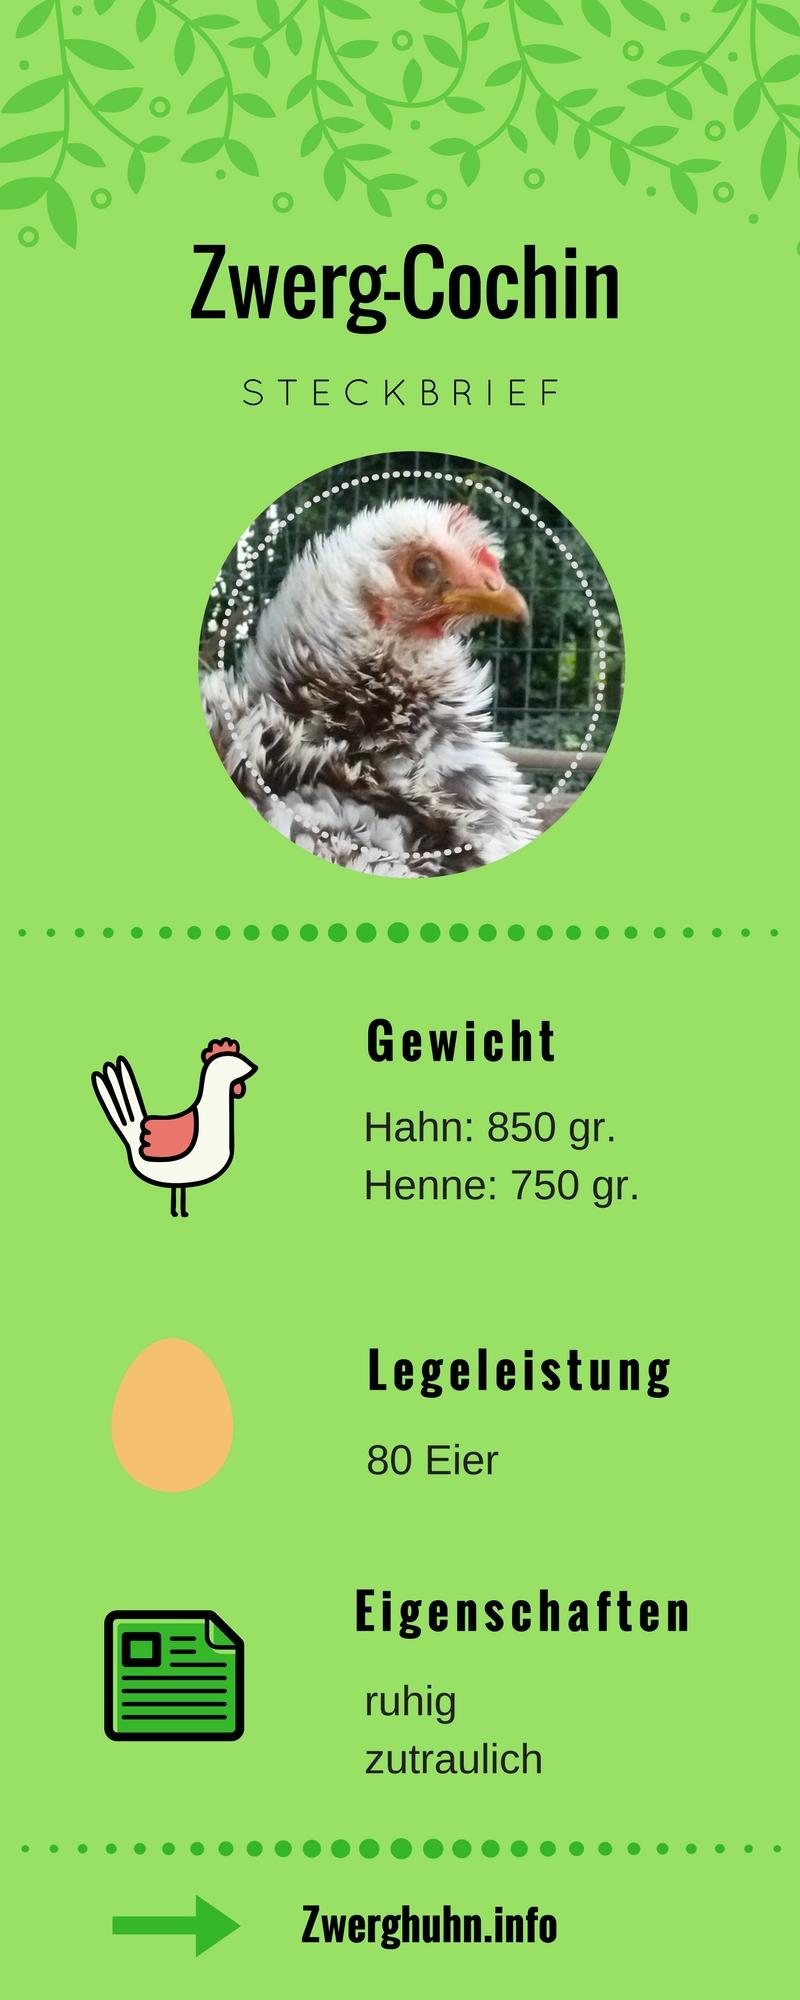 Zwergcochin Steckbrief, Legeleistung, Eigenschaften und Rassemerkmale, Zwerghühner